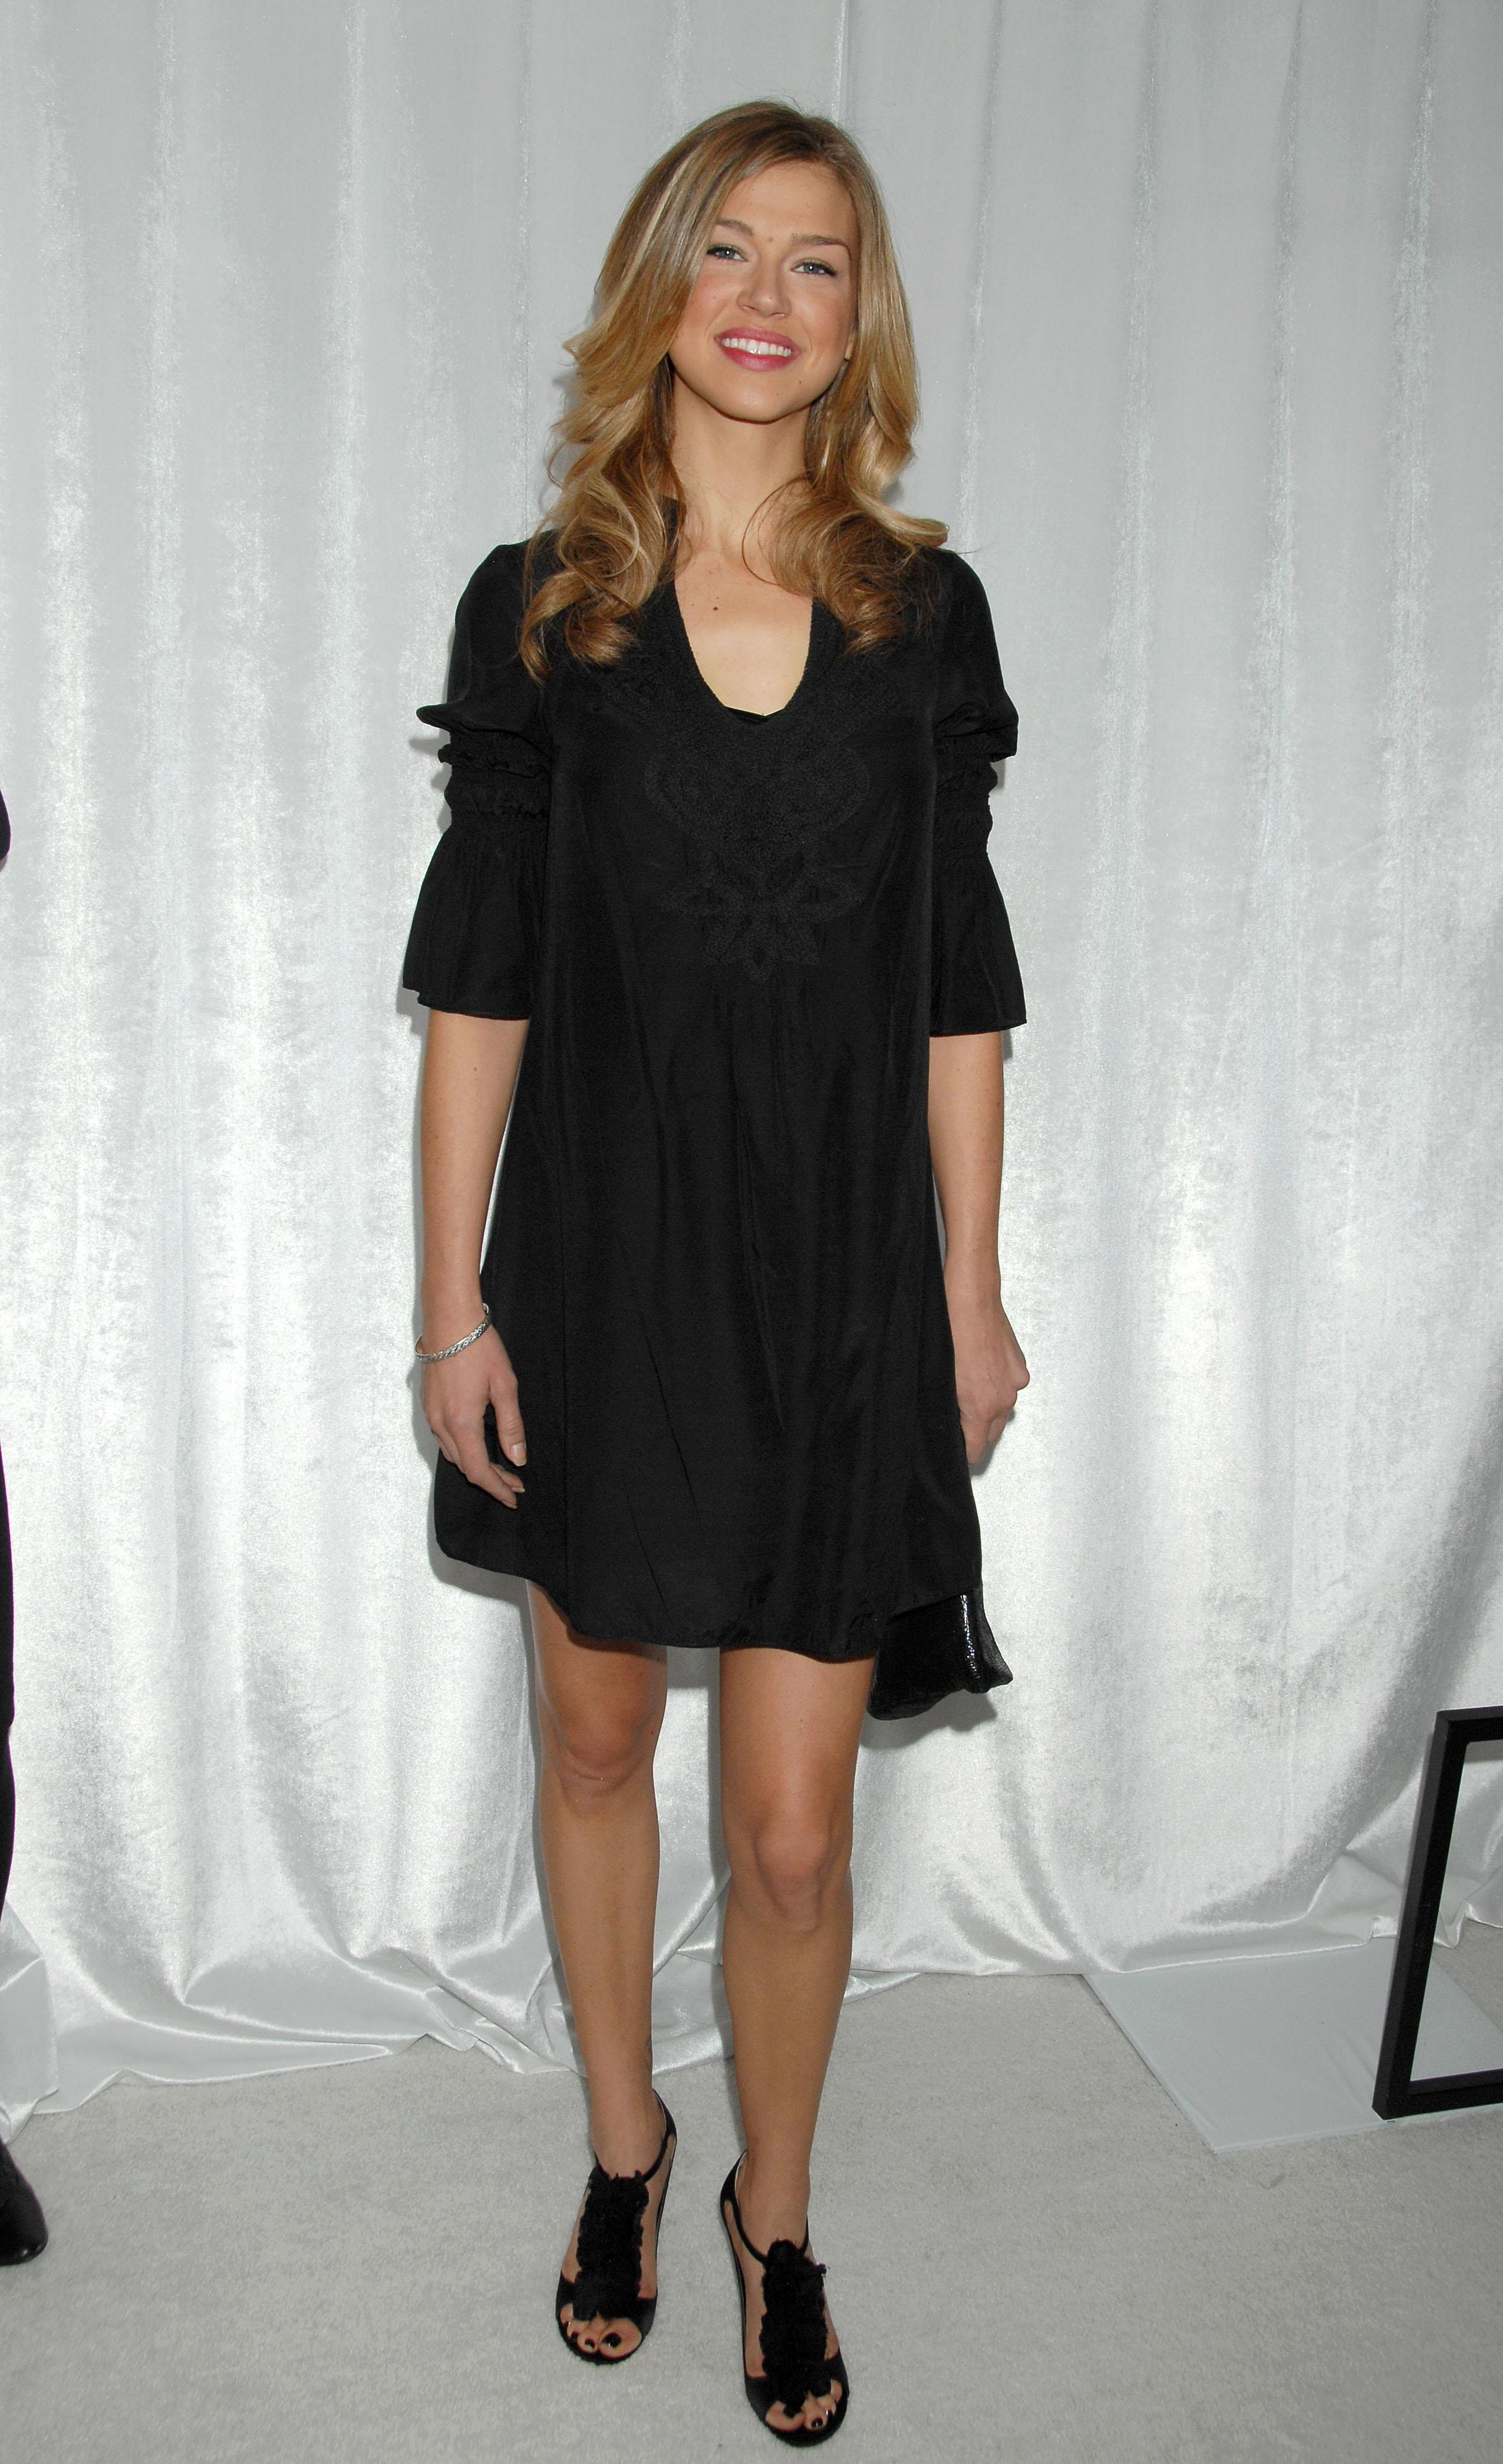 63003_Celebutopia-Adrianne_Palicki-8th_Annual_Awards_Season_Diamond_Fashion_Show_Preview-07_122_807lo.jpg